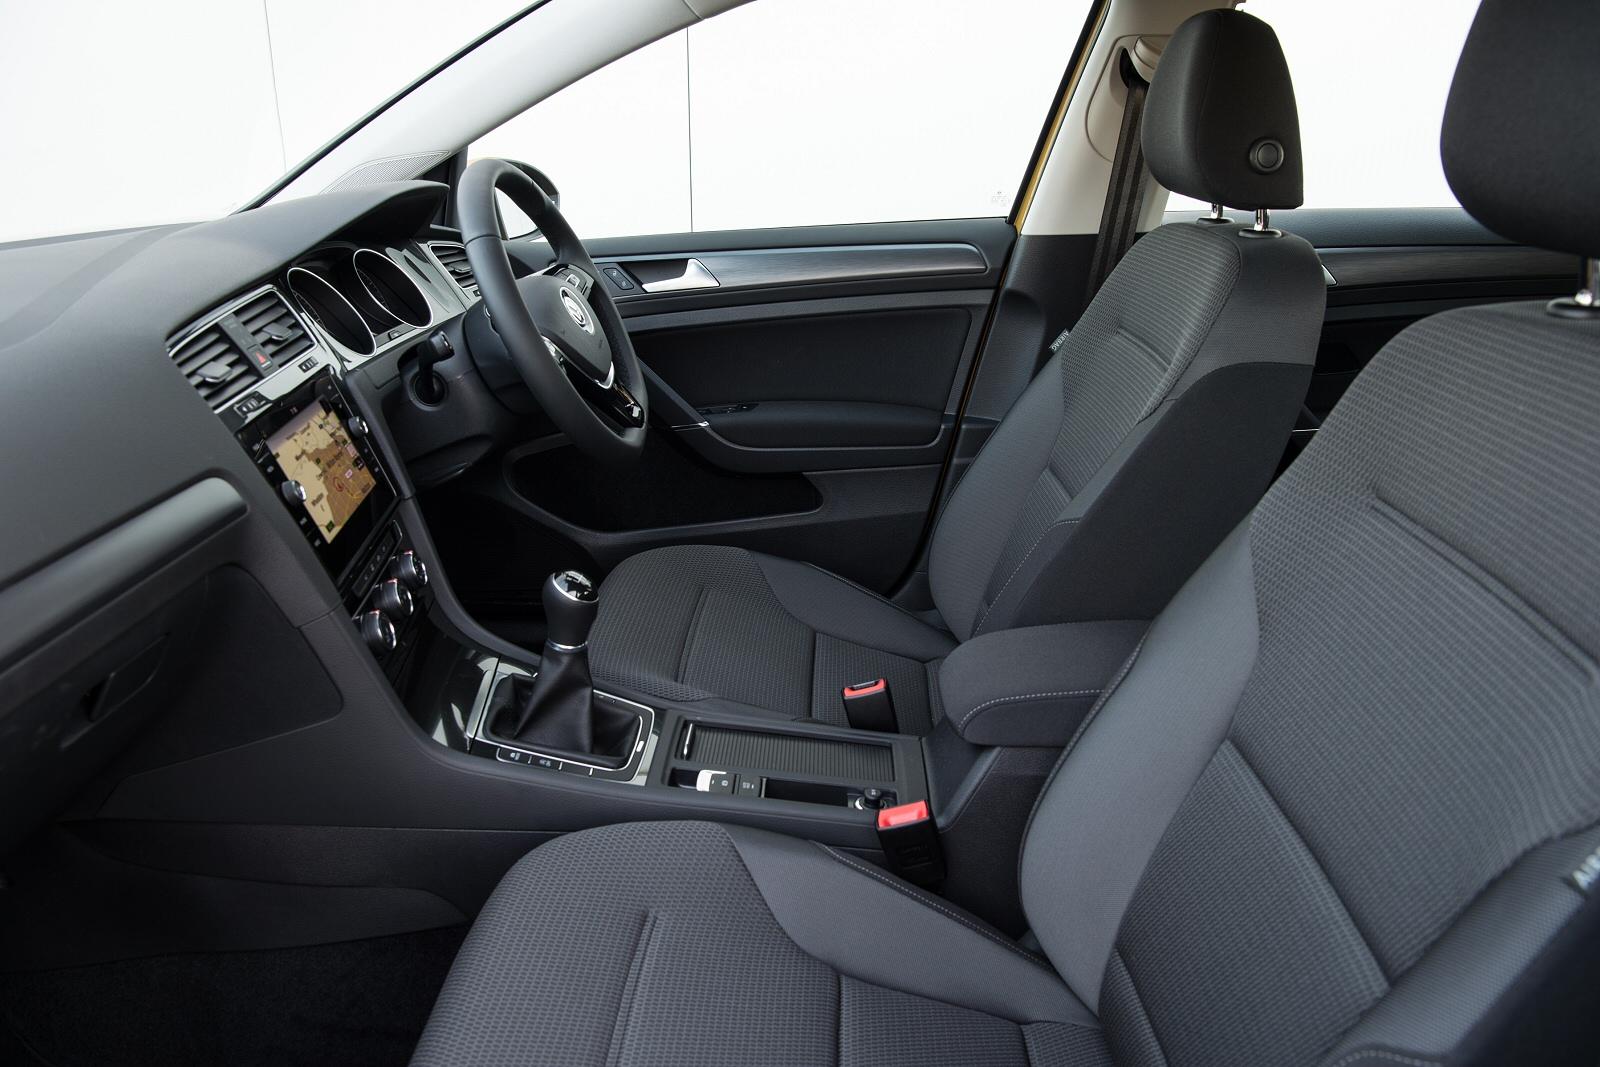 ... 1.0 Tsi 110 Se [nav] 5Dr Dsg Petrol Hatchback ...